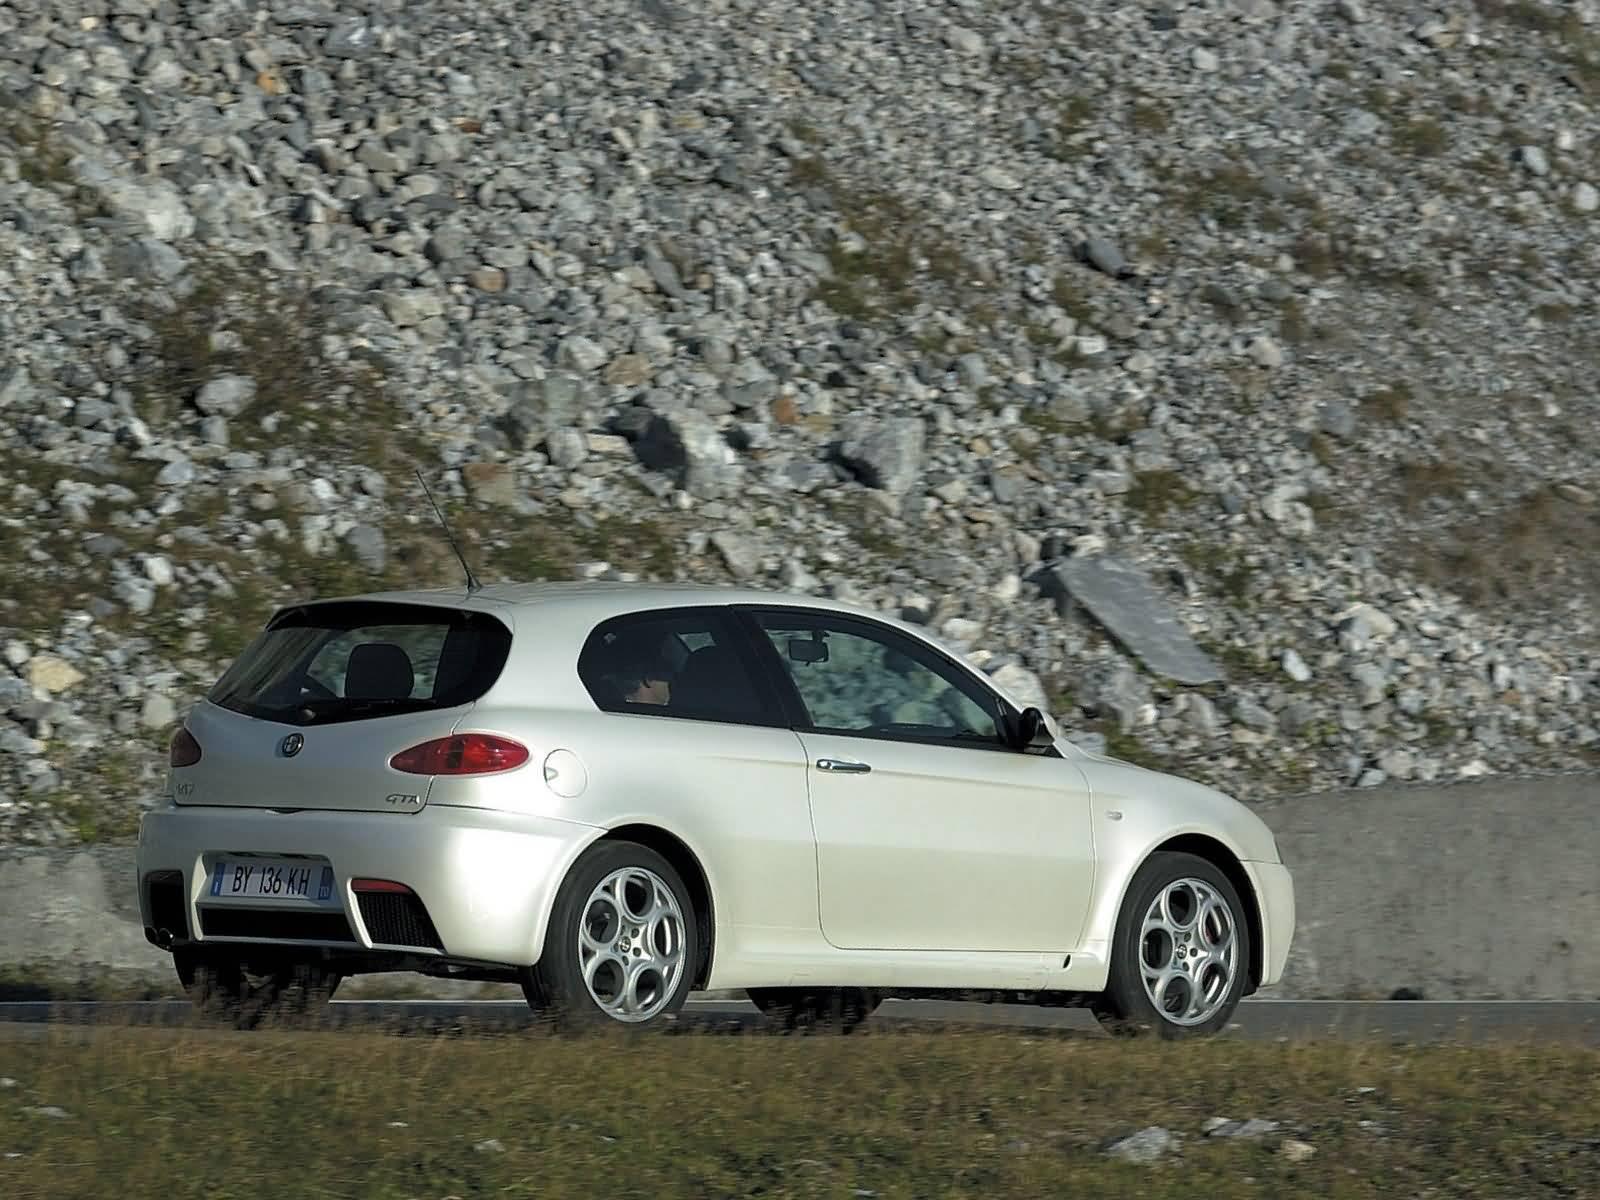 Beautiful Left side of White colour Alfa Romeo 147 GTA Car